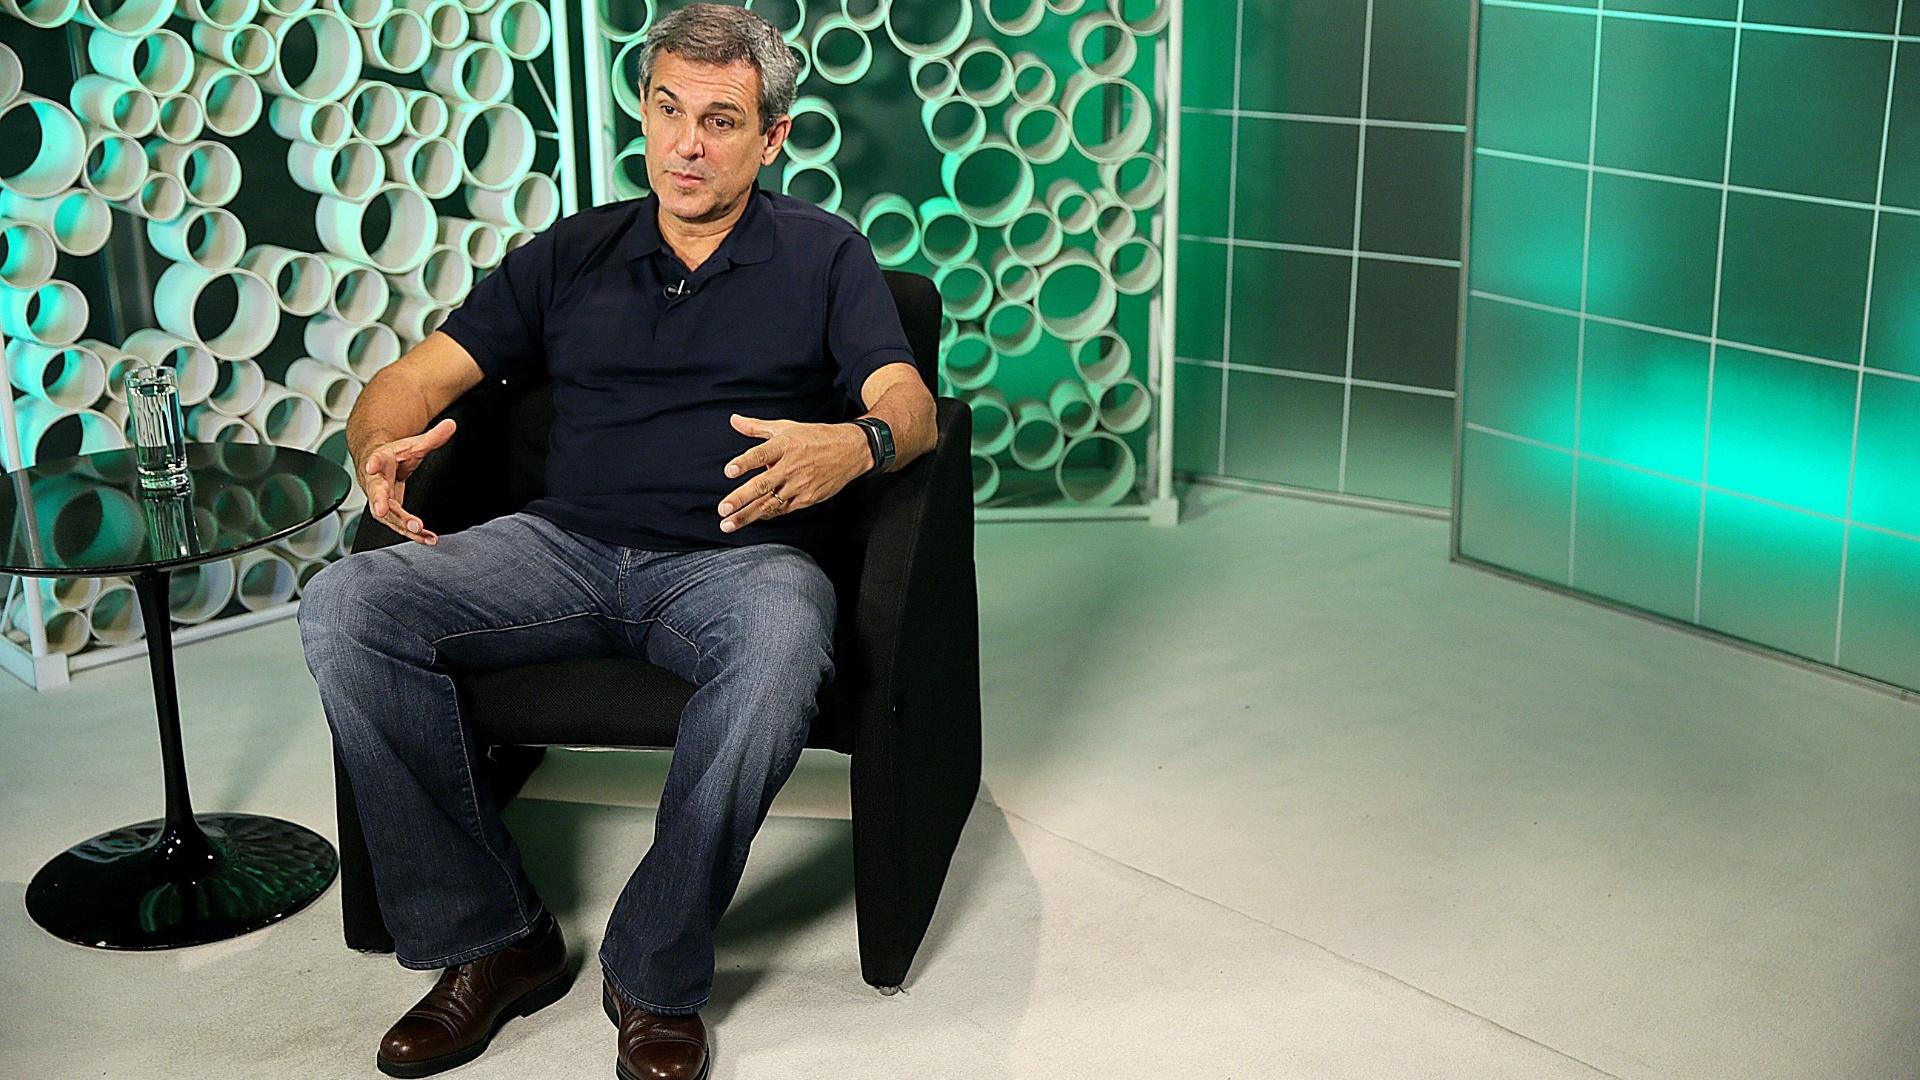 José Roberto Guimarães concede entrevista no estúdio do UOL, em São Paulo